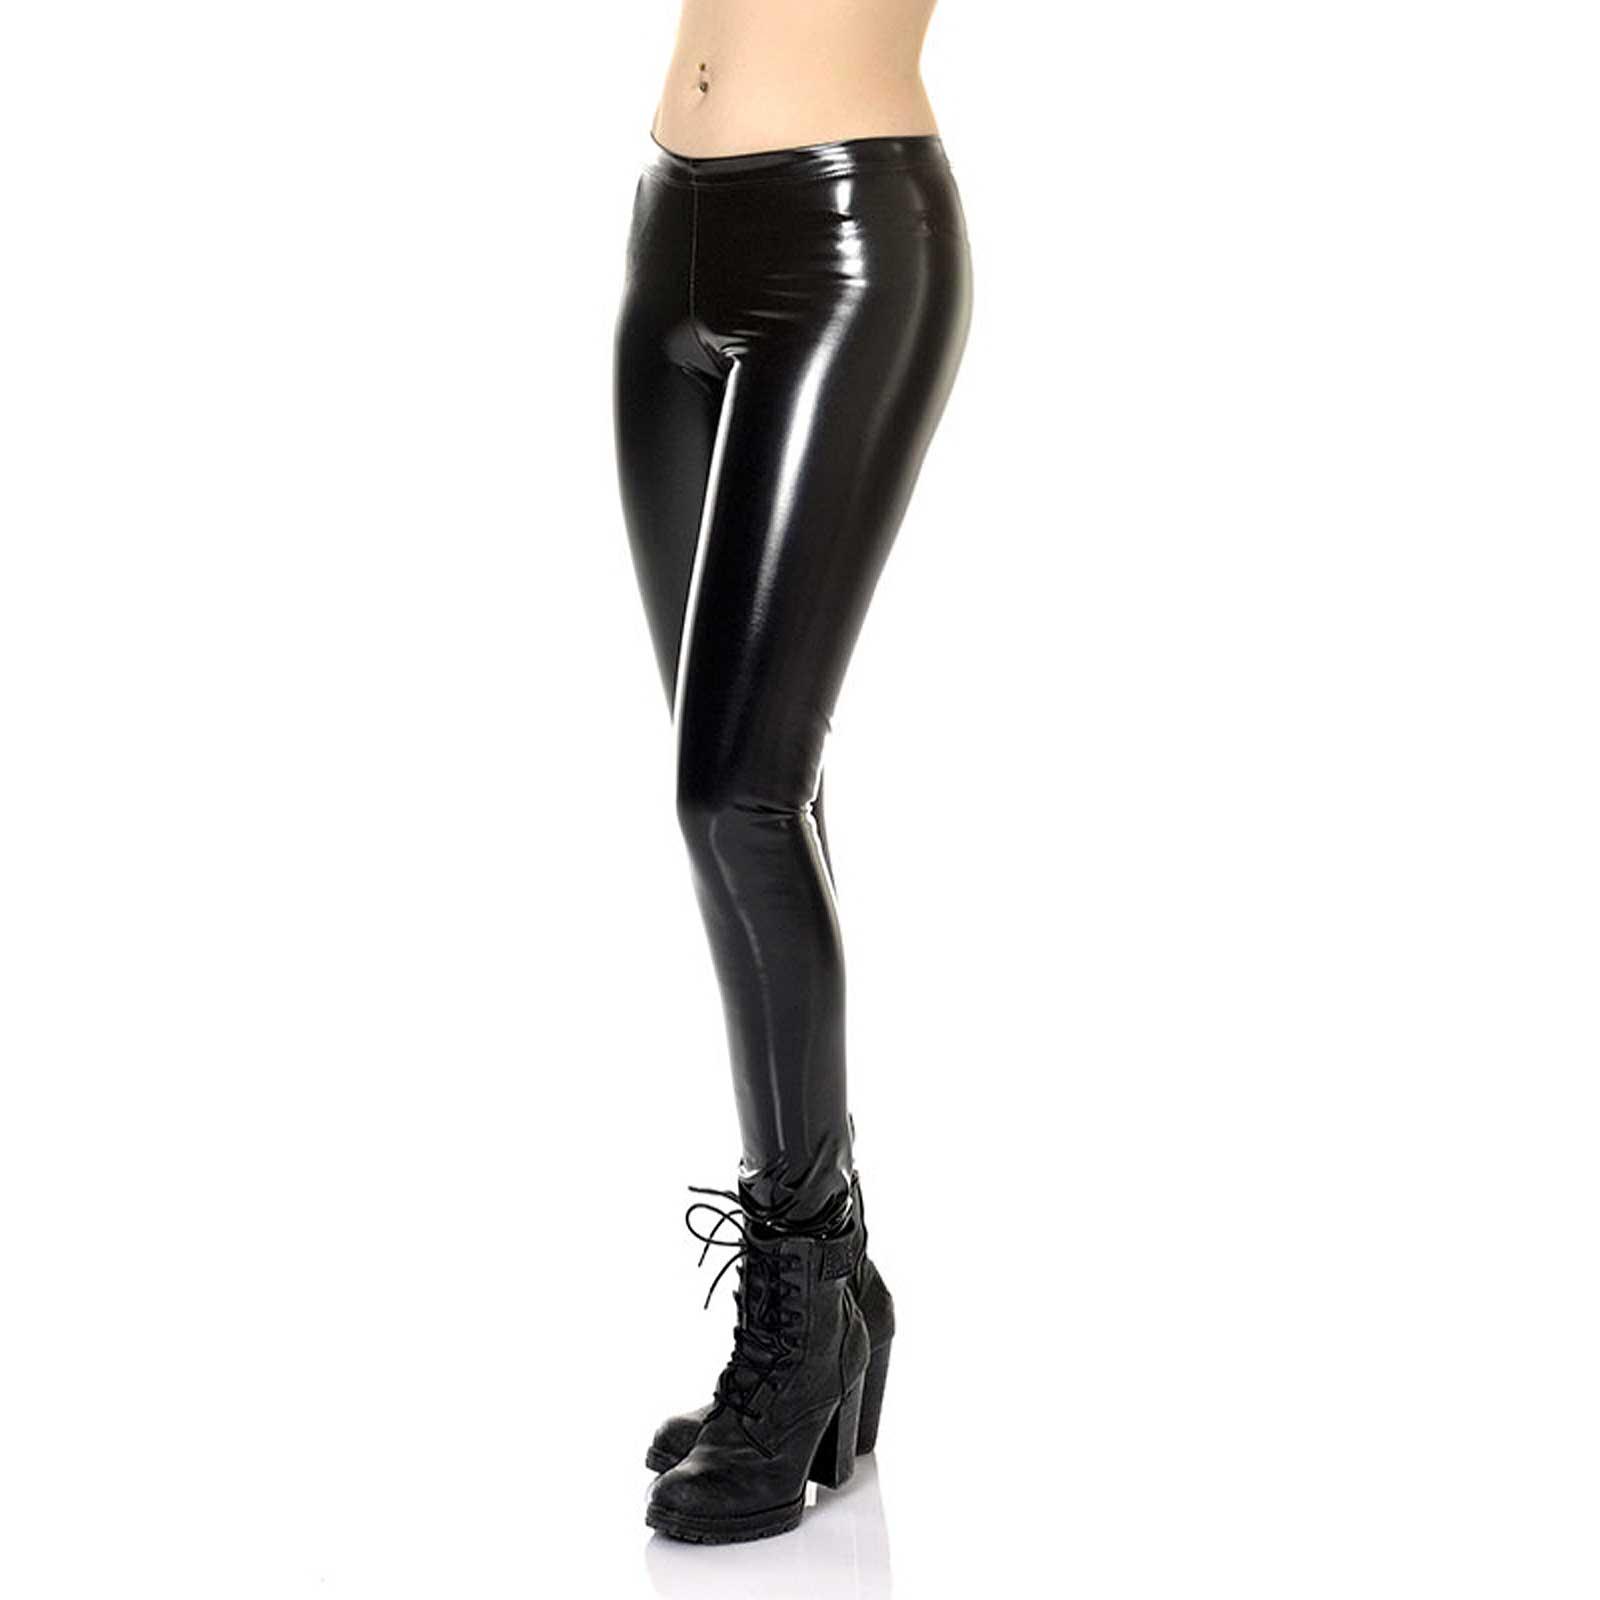 651d44c2ad434 ... Detail image to PATRICE CATANZARO Vera Vinyl Leggings Black ...